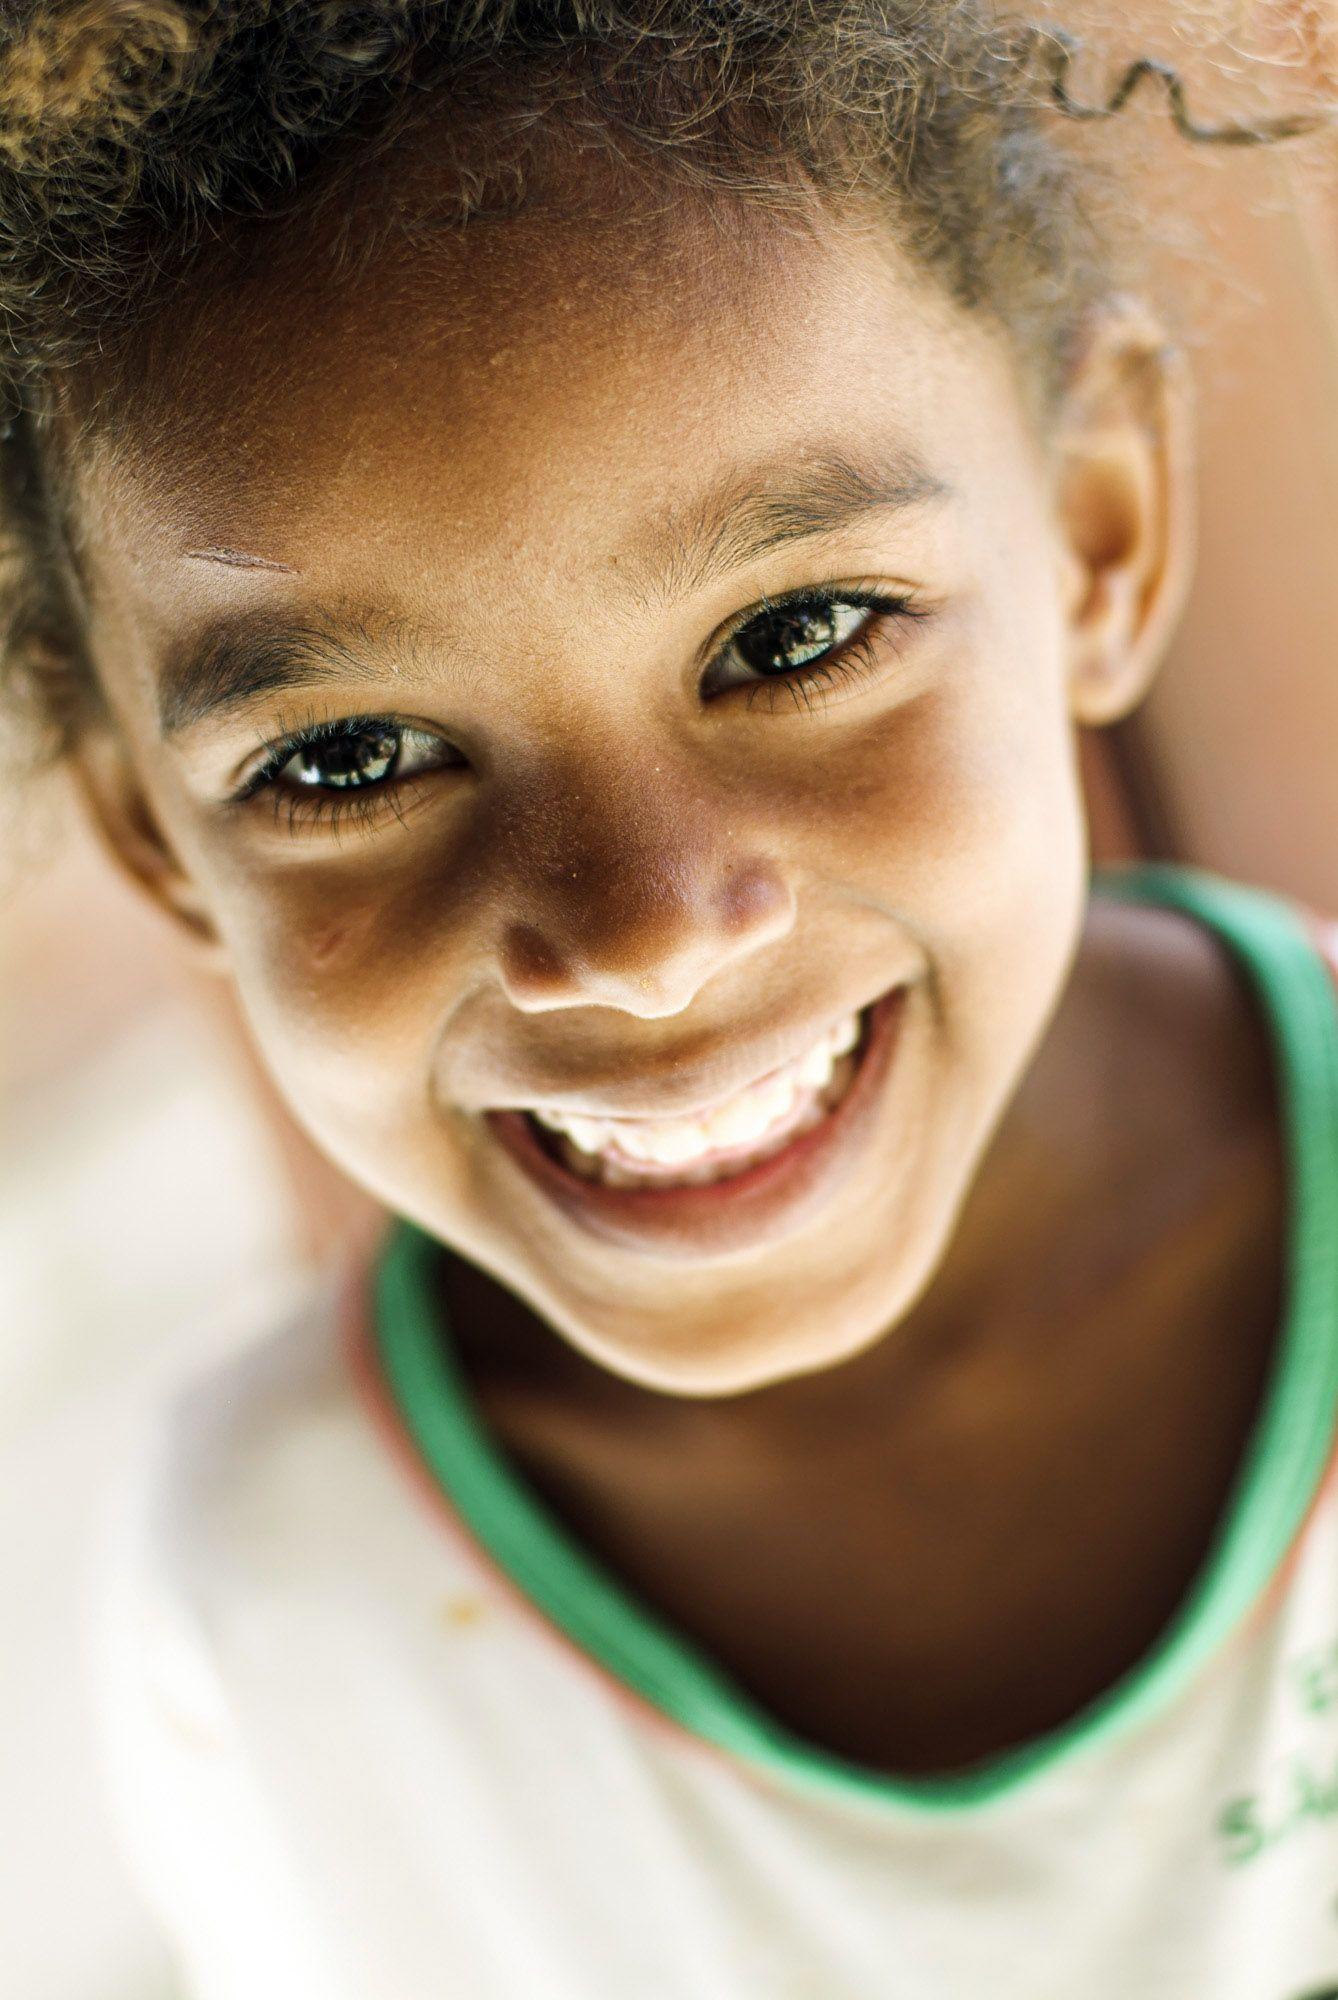 AMECC Smile